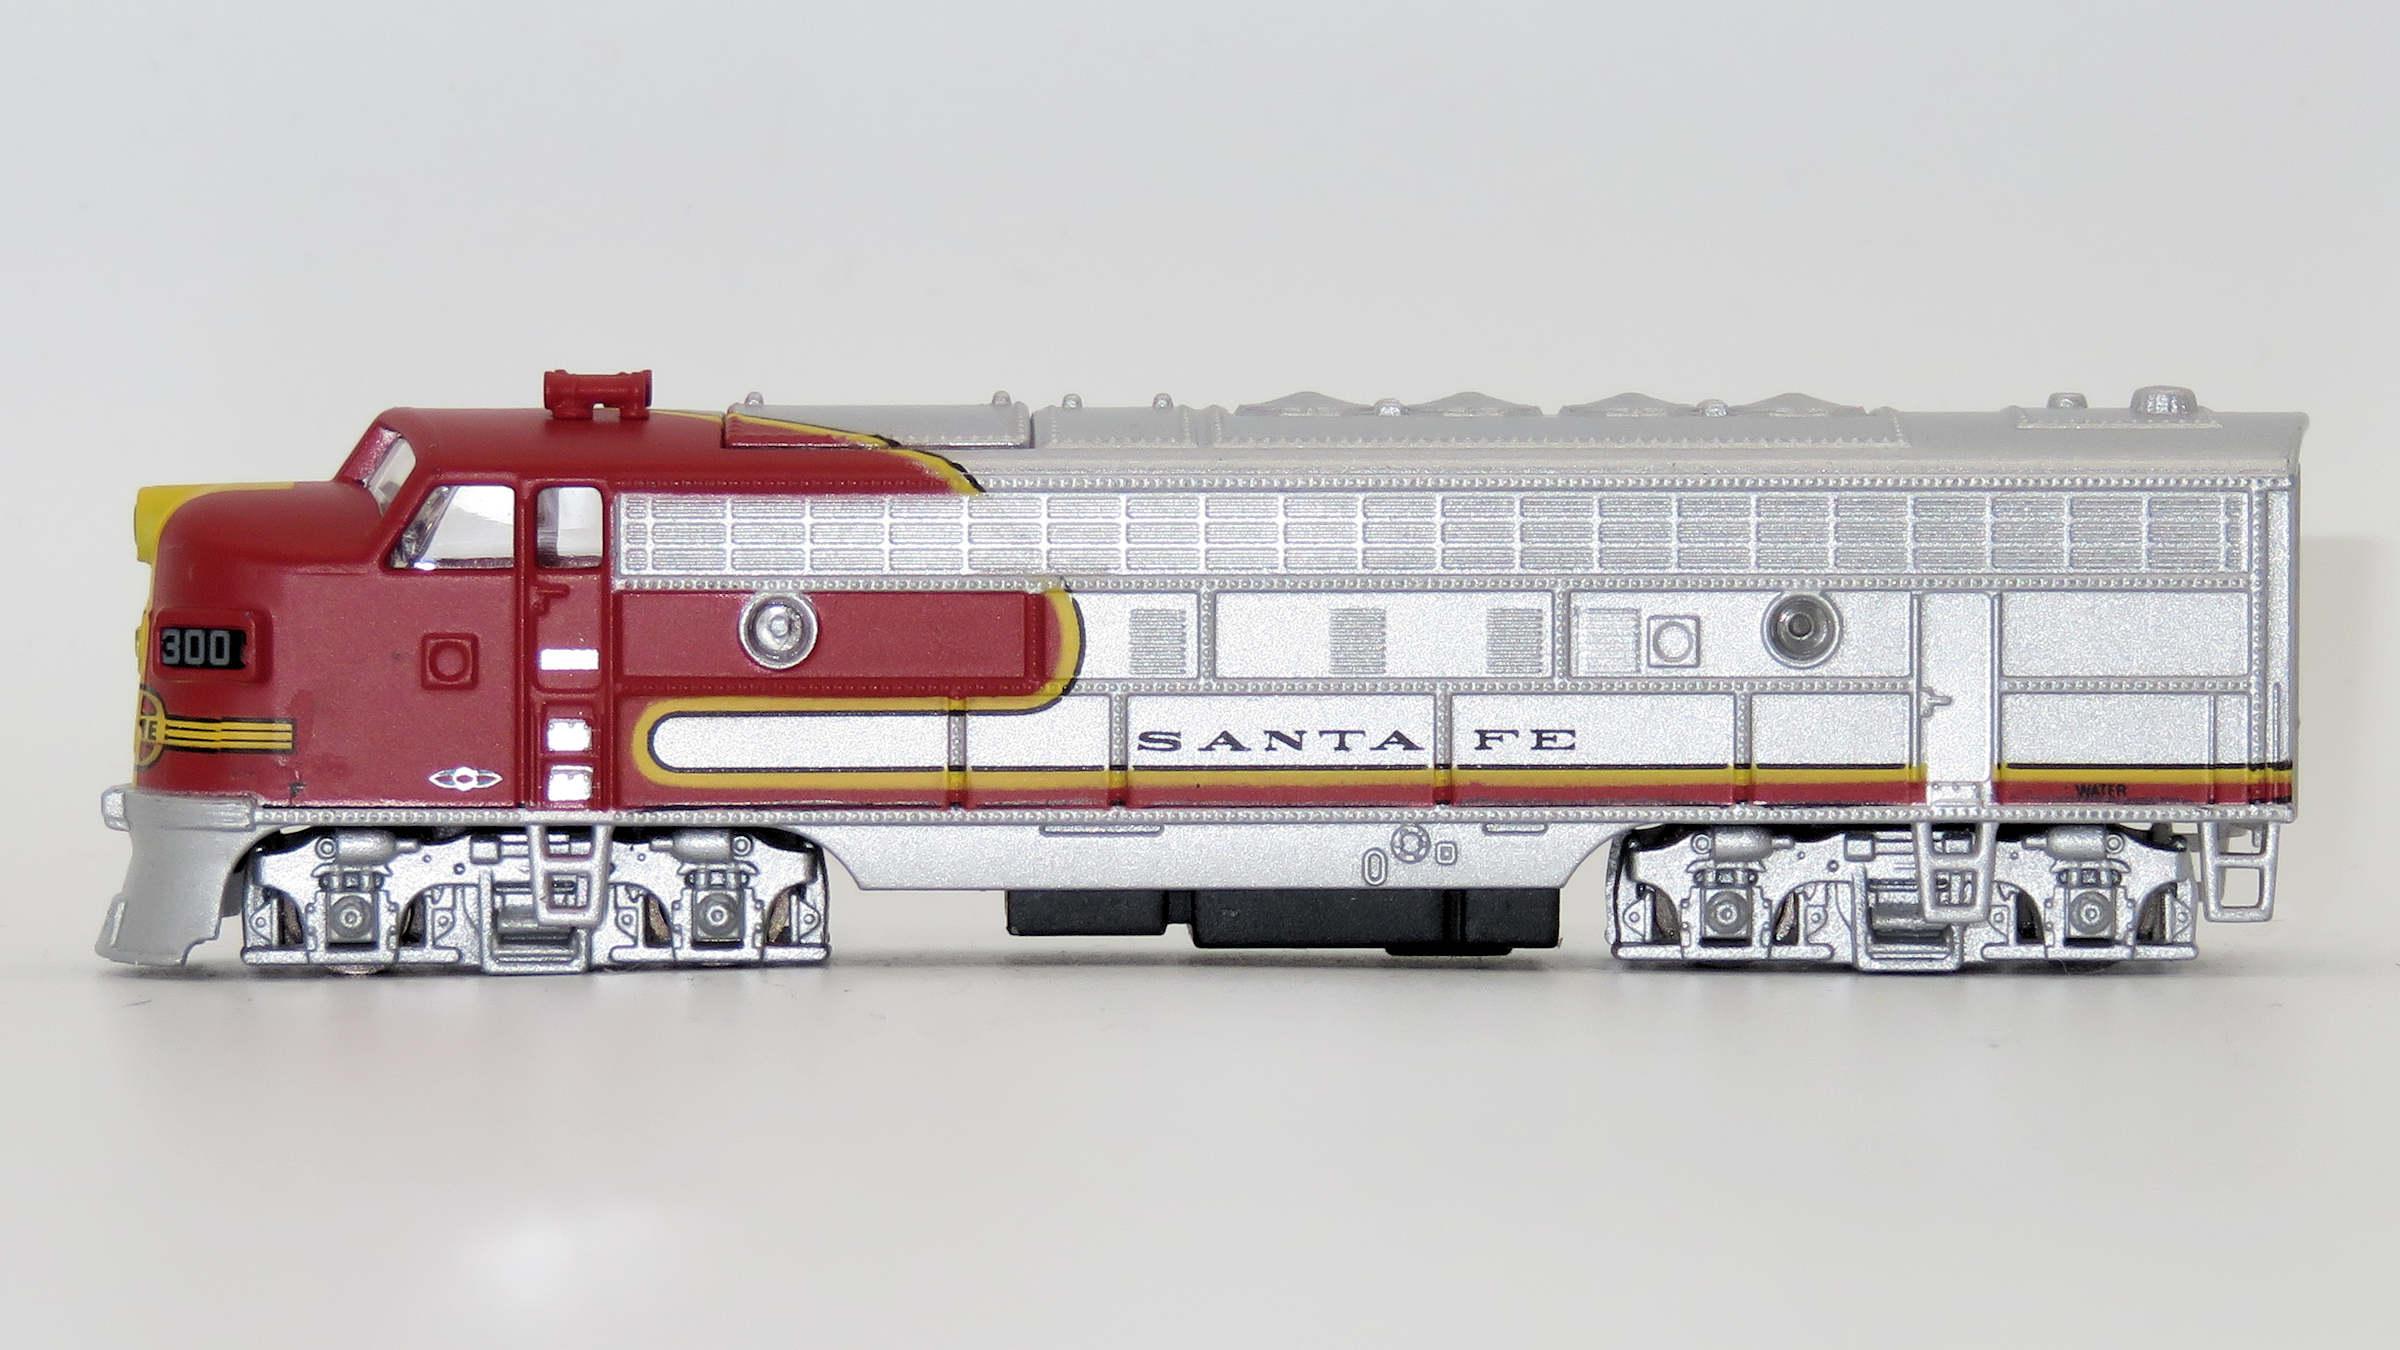 N Scale - Del Prado - Locomotive, Diesel, EMD FP7 - Santa Fe - 300